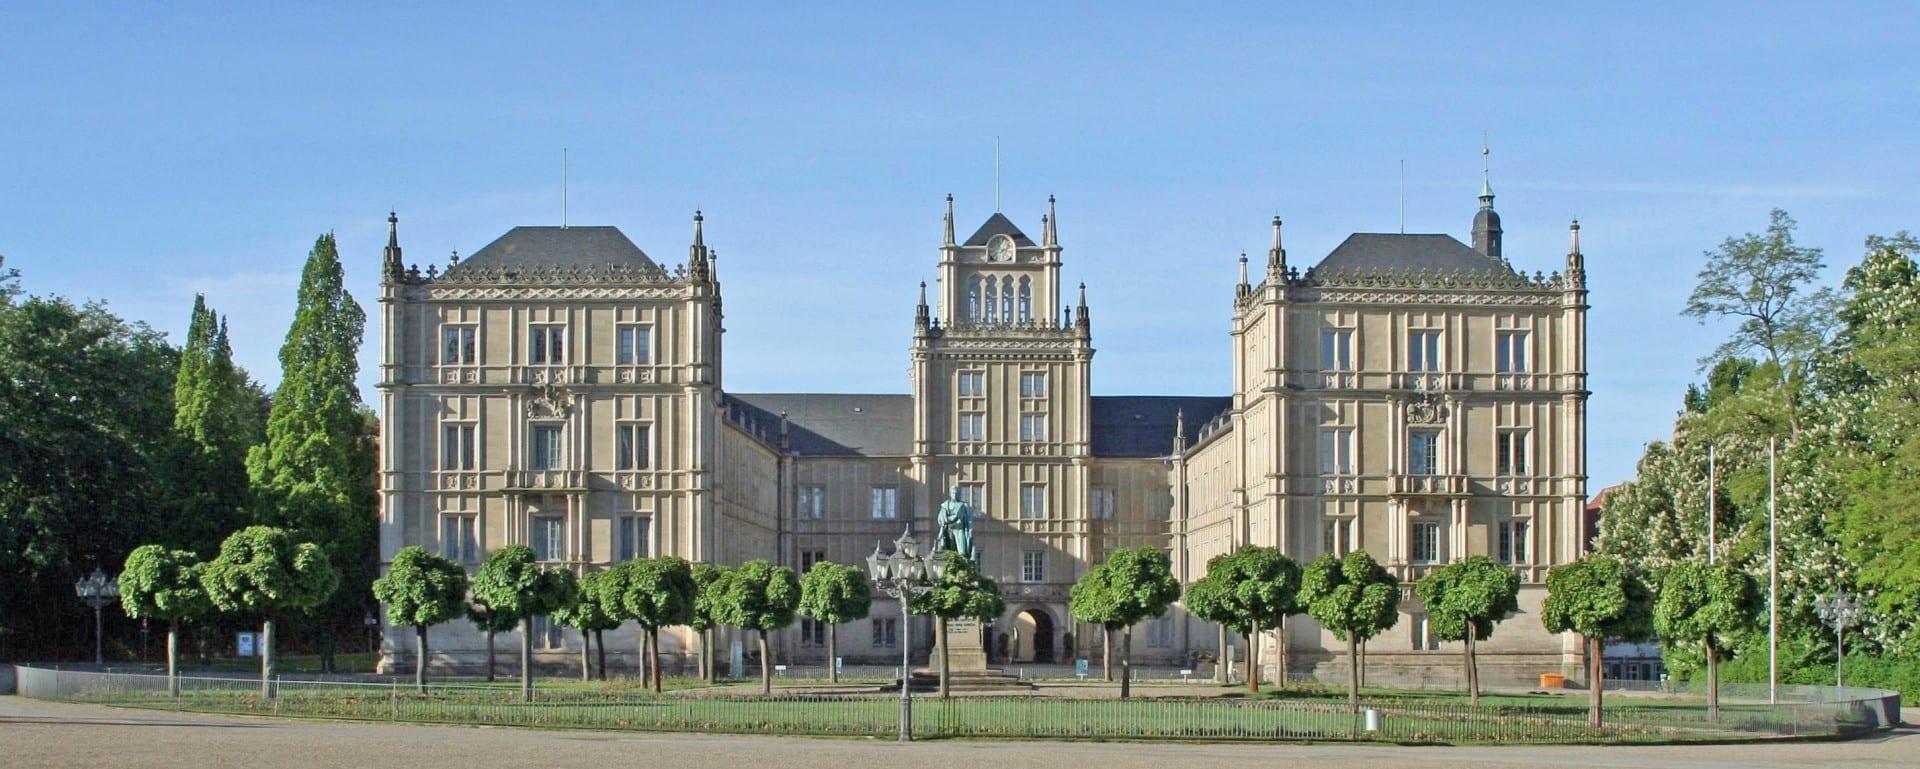 Palacio de Ehrenburg Coburgo Alemania